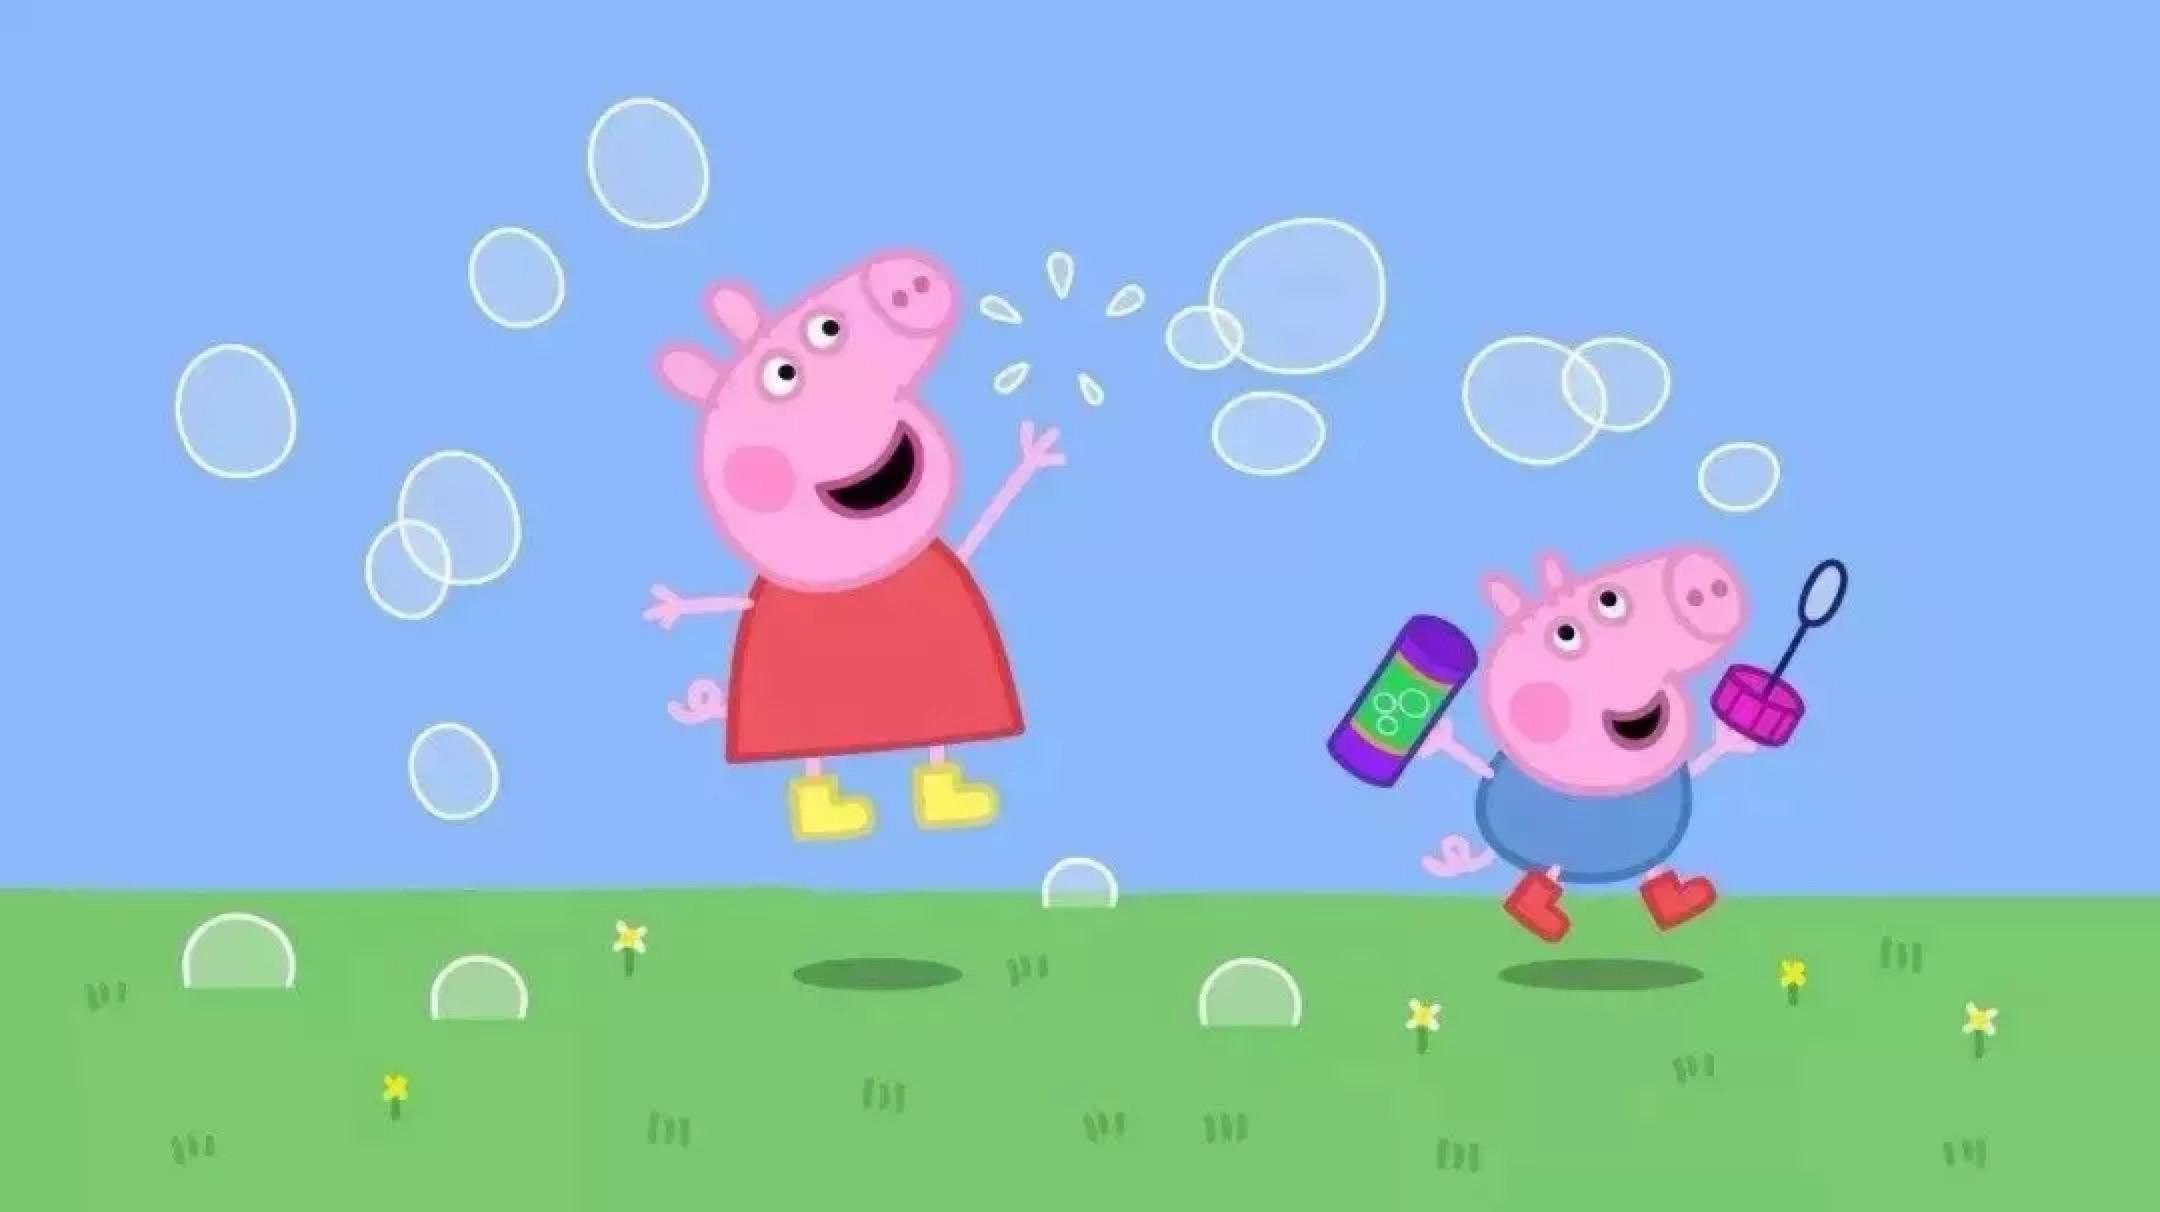 小猪配齐头像可爱